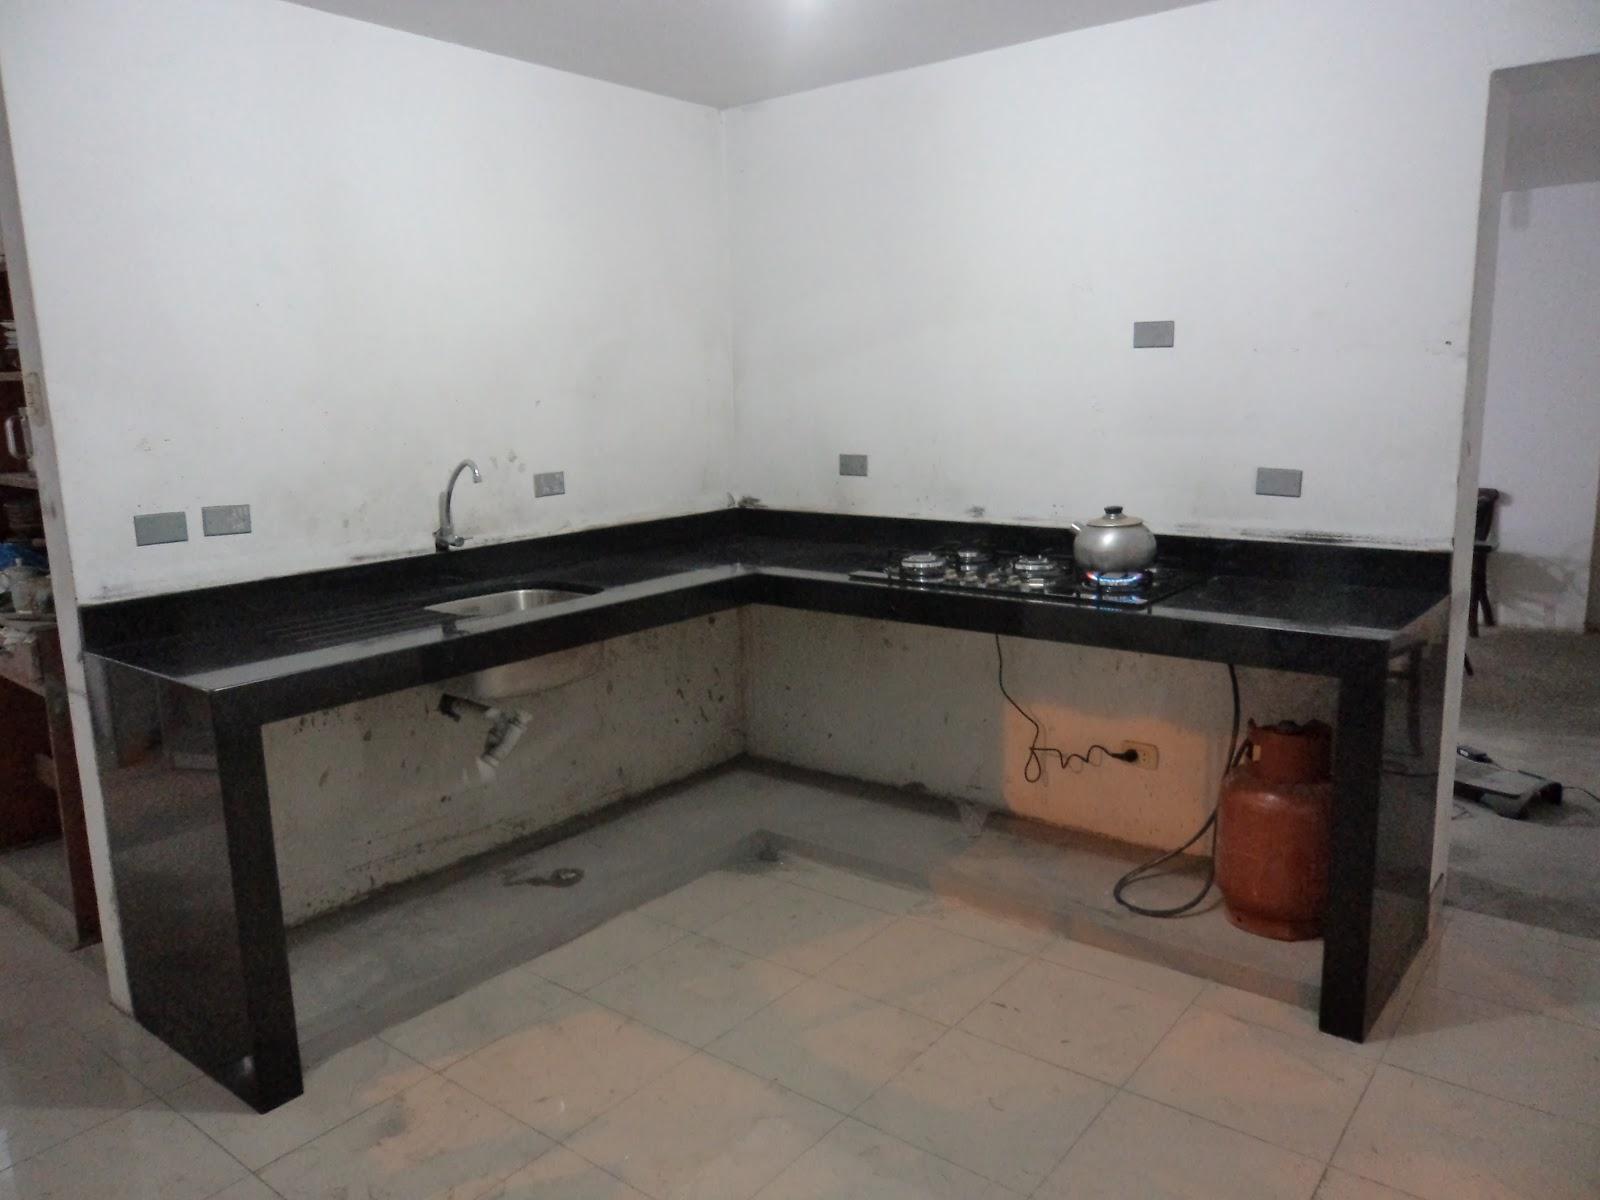 Oniria obra en proceso nueva cocina for Diseno de cocina lavadero